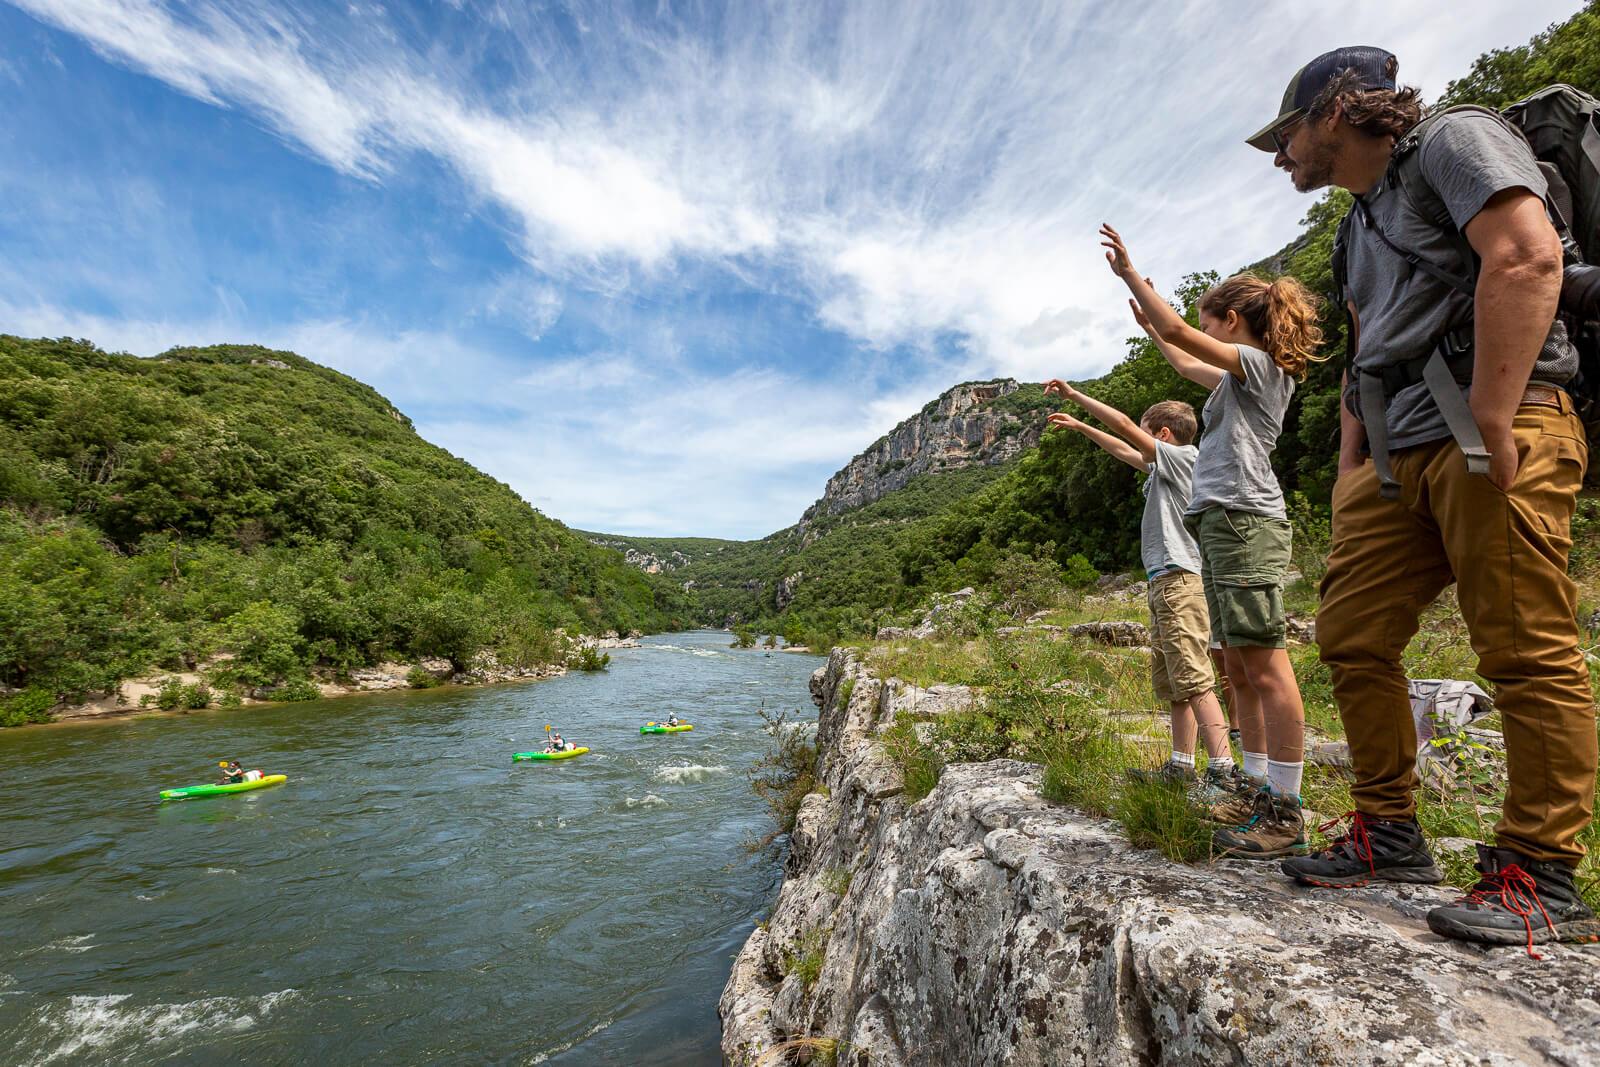 Randonnée en famille dans les Gorges de l'Ardèche